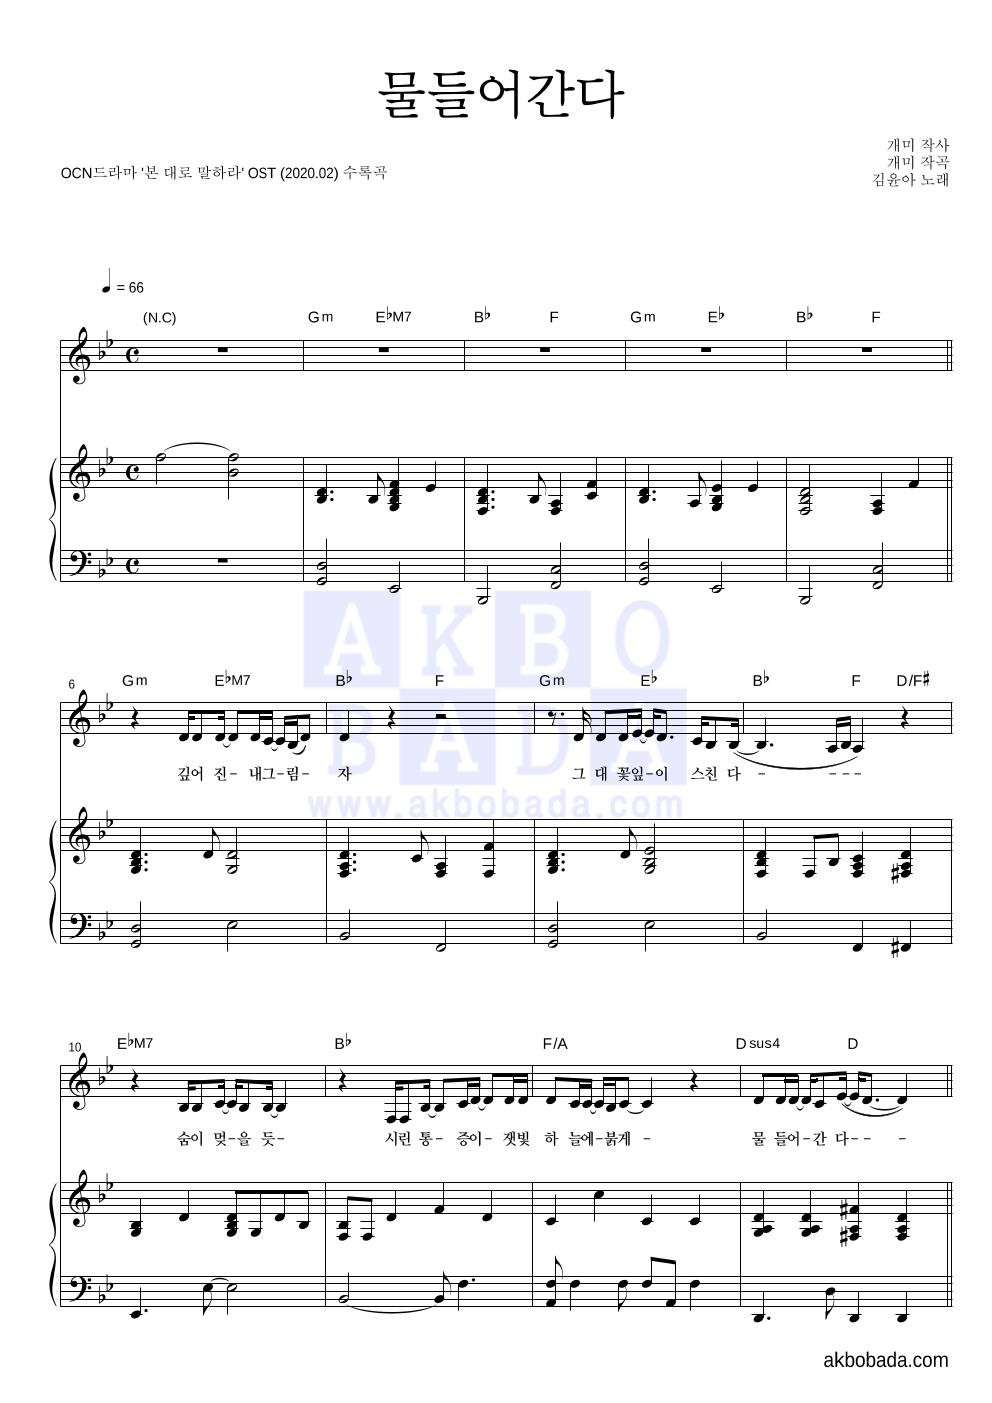 김윤아 - 물들어간다 피아노 3단 악보